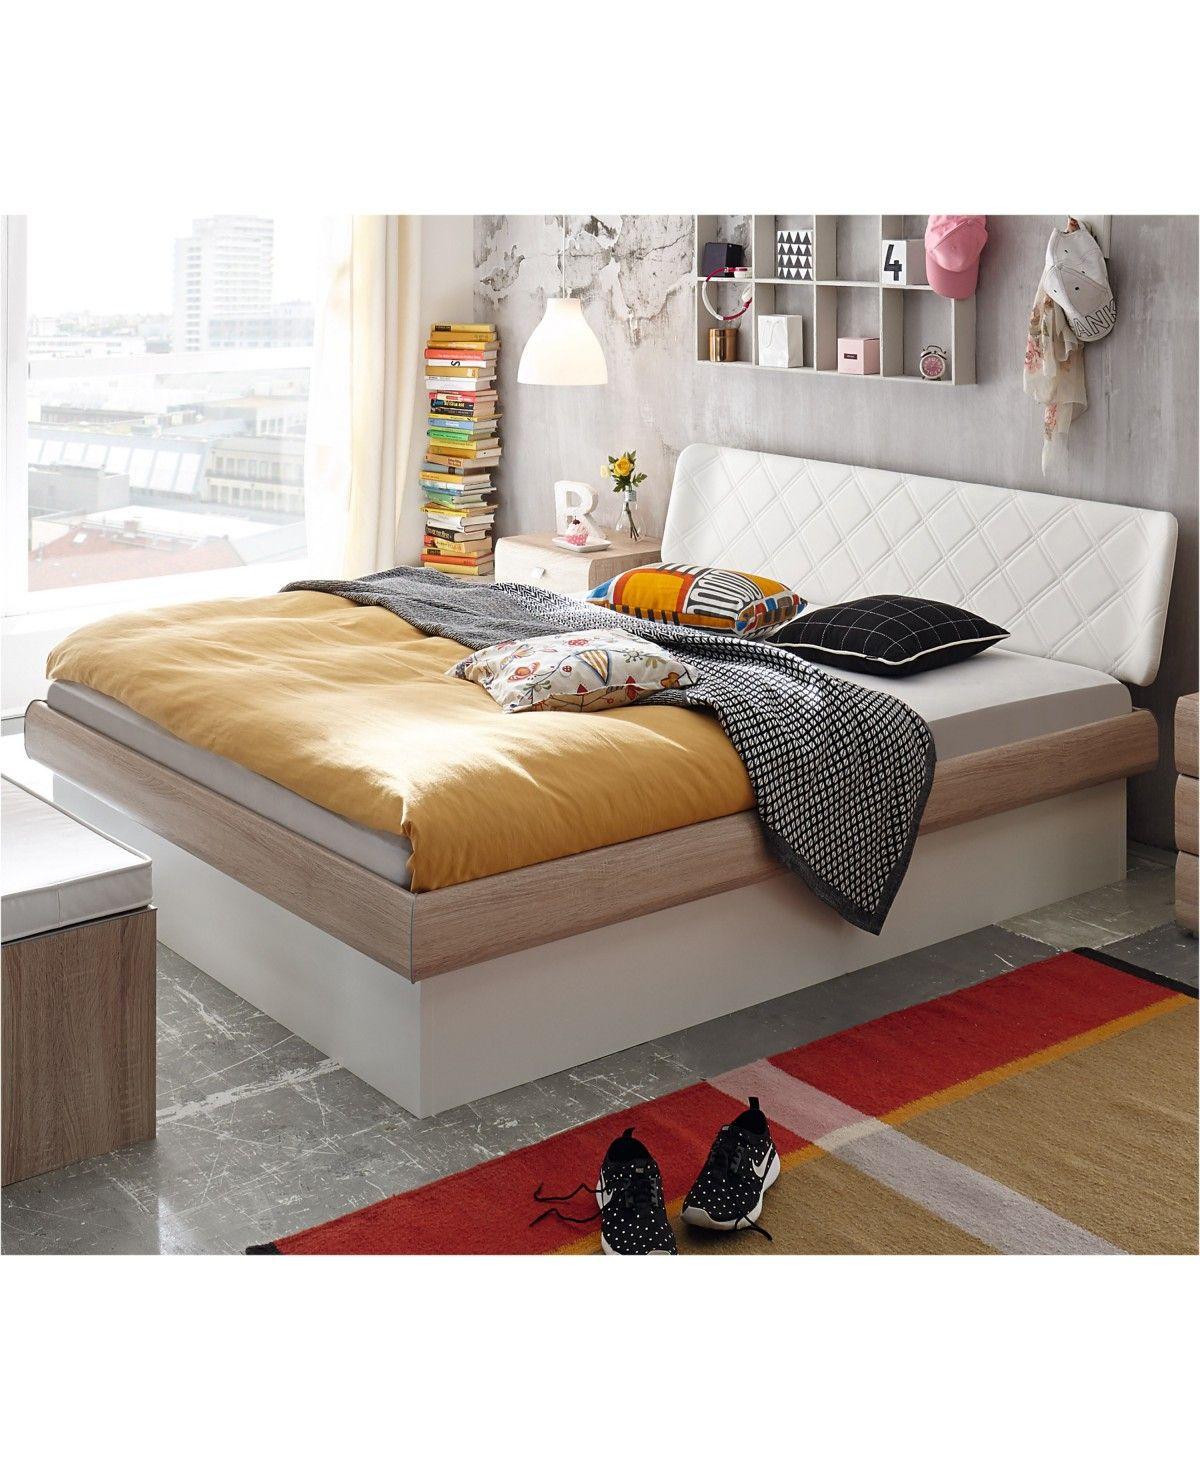 Hasena Soft Line Stauraumbett Practico Box Eiche Sägerauh Dekor 180x200